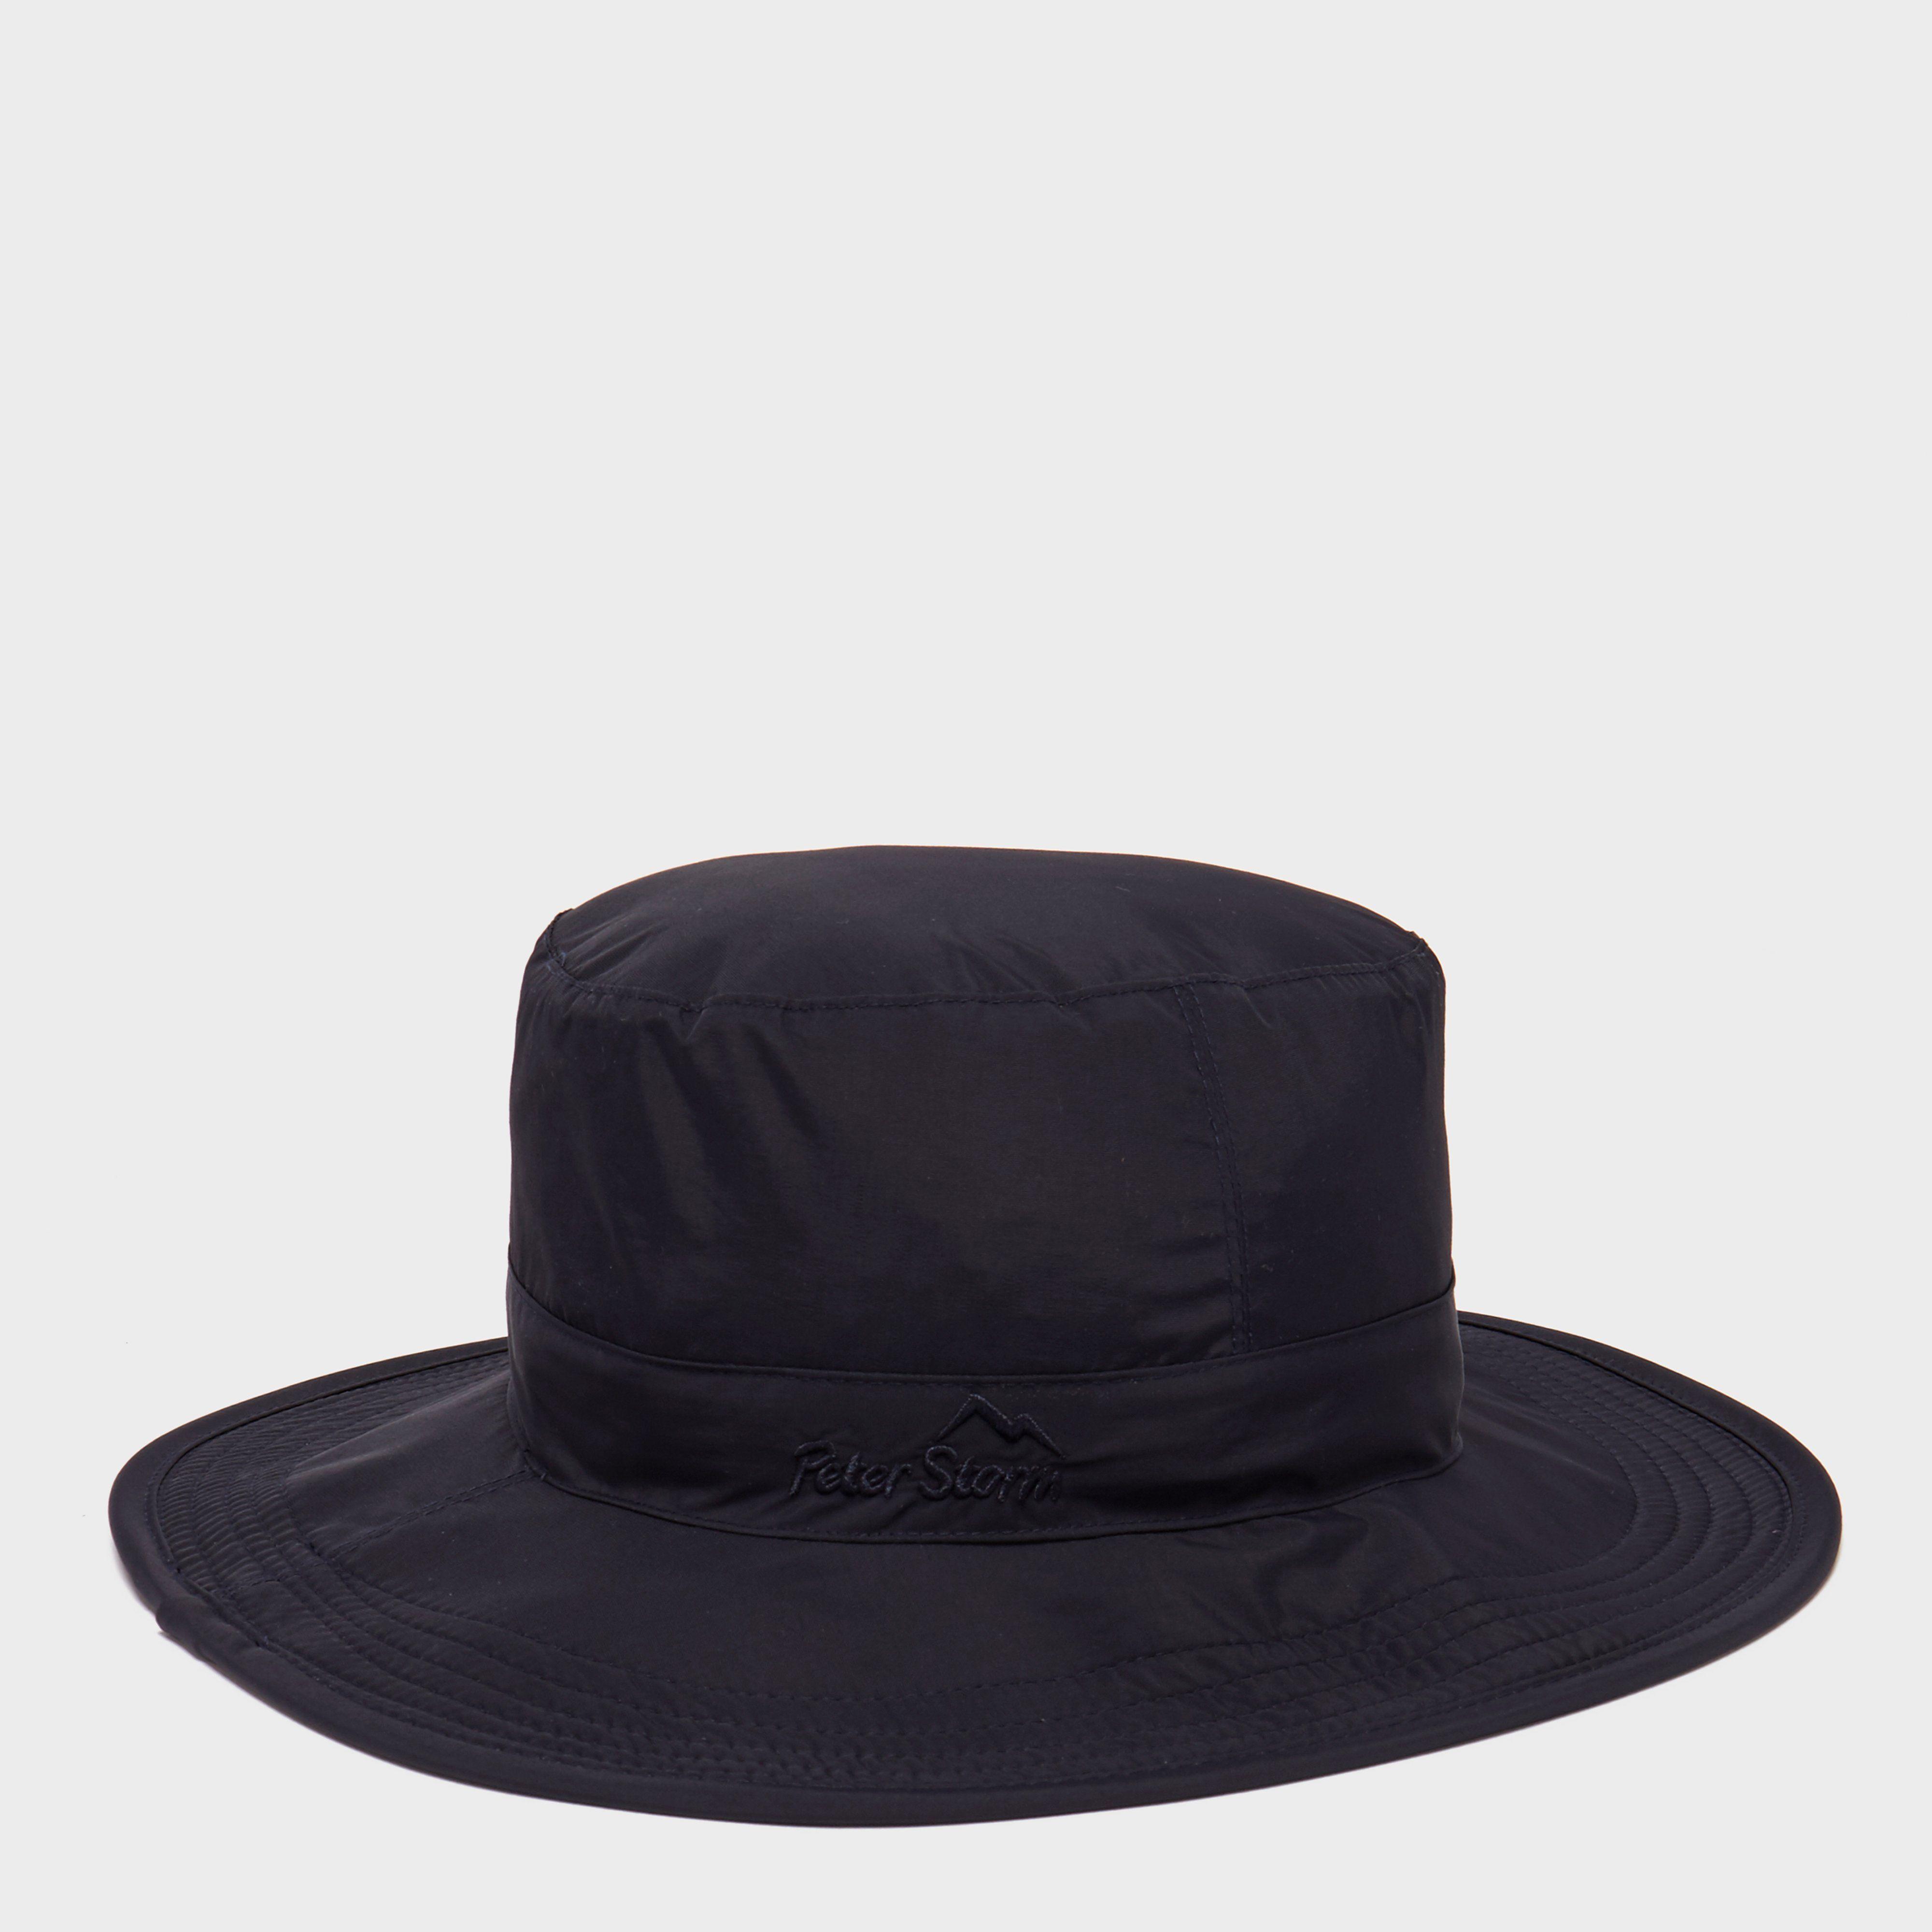 PETER STORM Unisex River Ranger II Hat